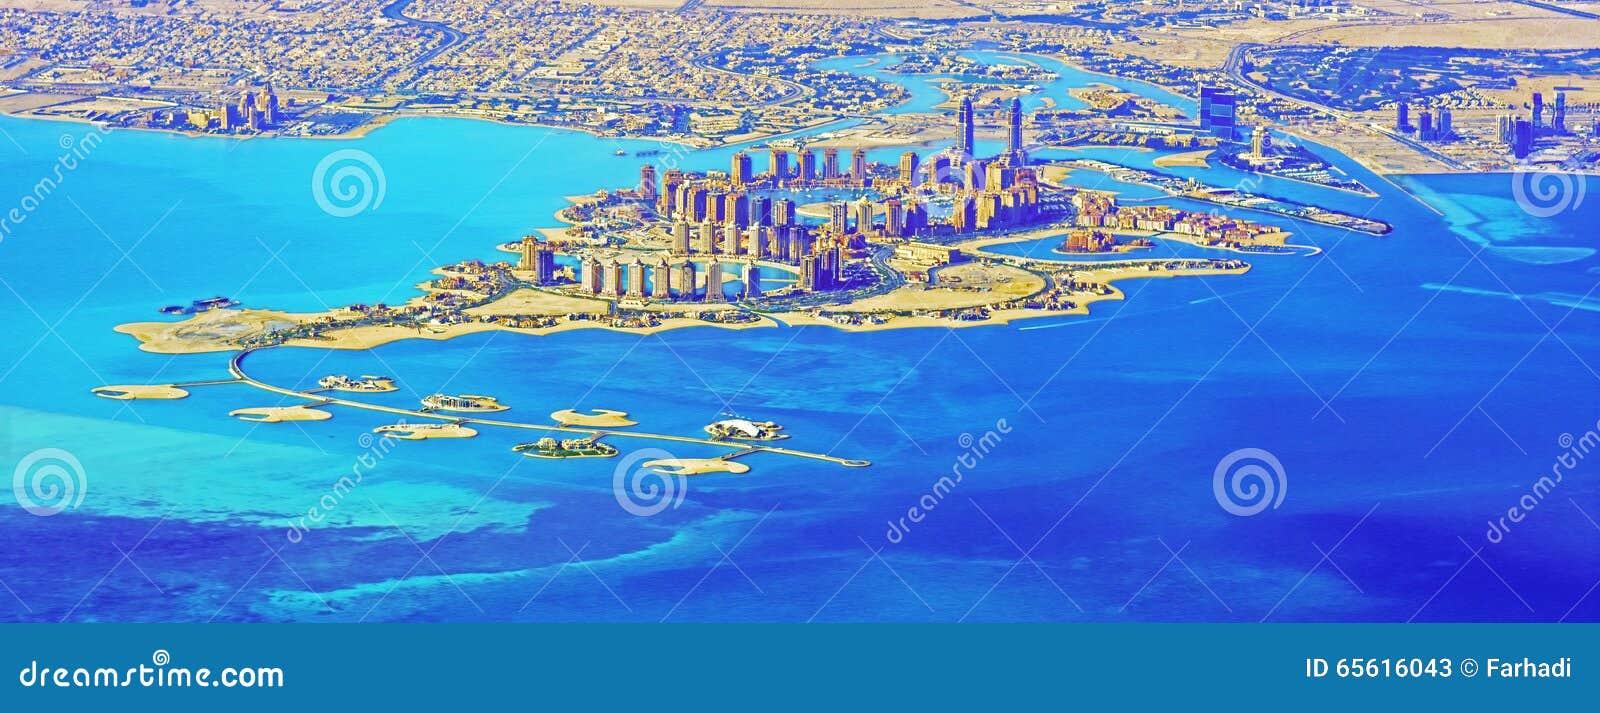 Die Perle - Katar